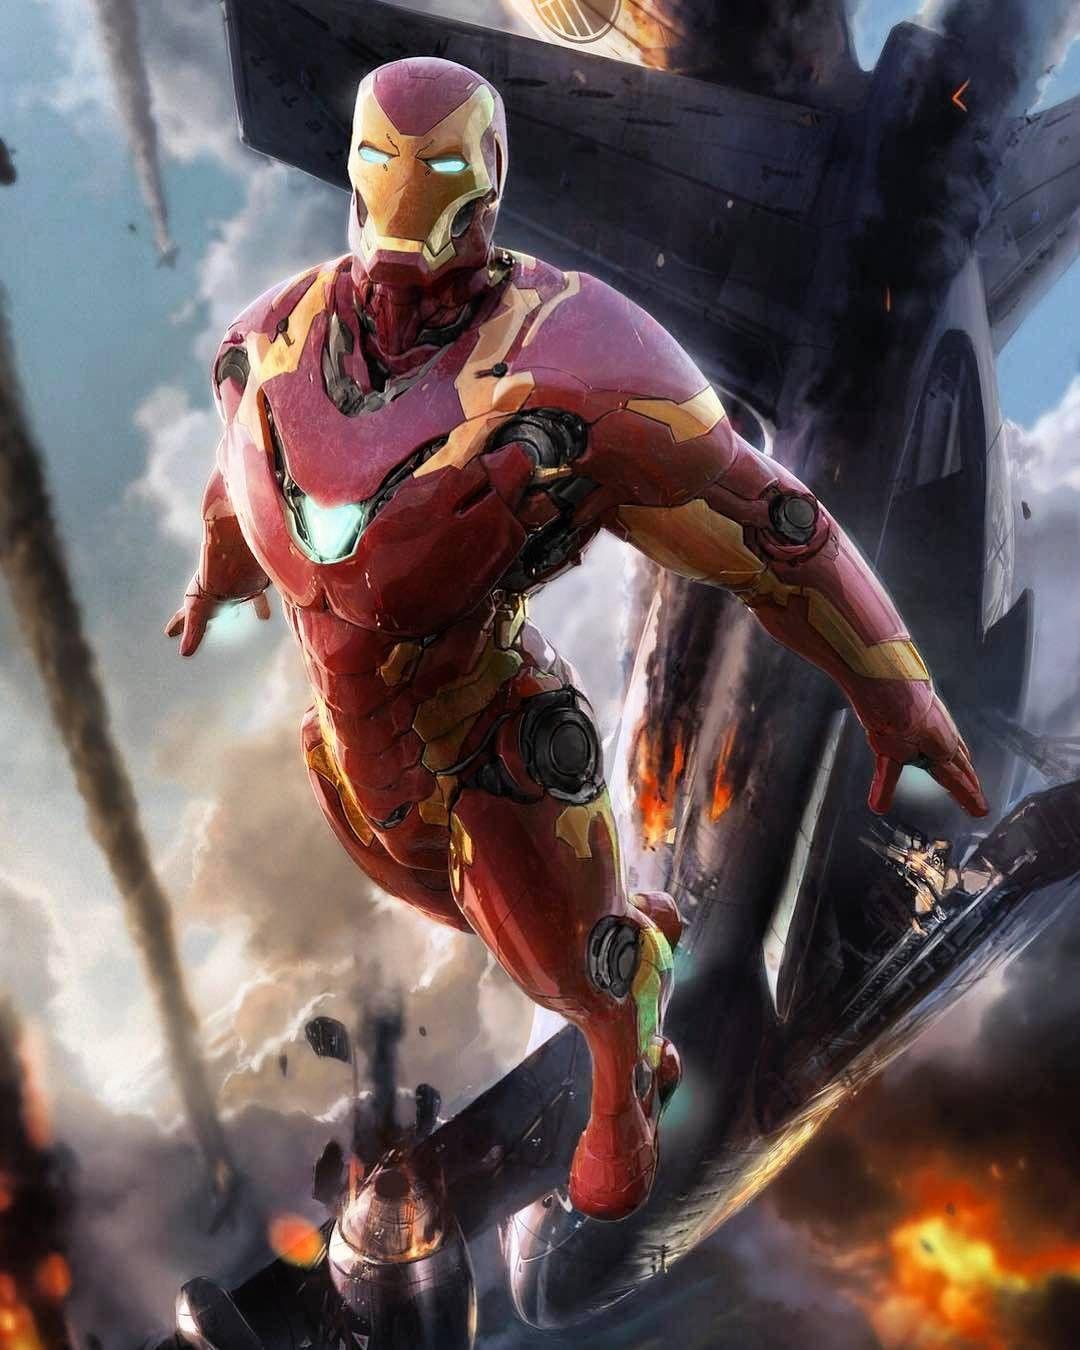 Super armor Que mejoras tendrá   porque ni aun así podrá con Thanos Ya está  en el canal de Youtube mi analisis al trailer de  InfinityWar Link en bio  ... f8fda7116c0